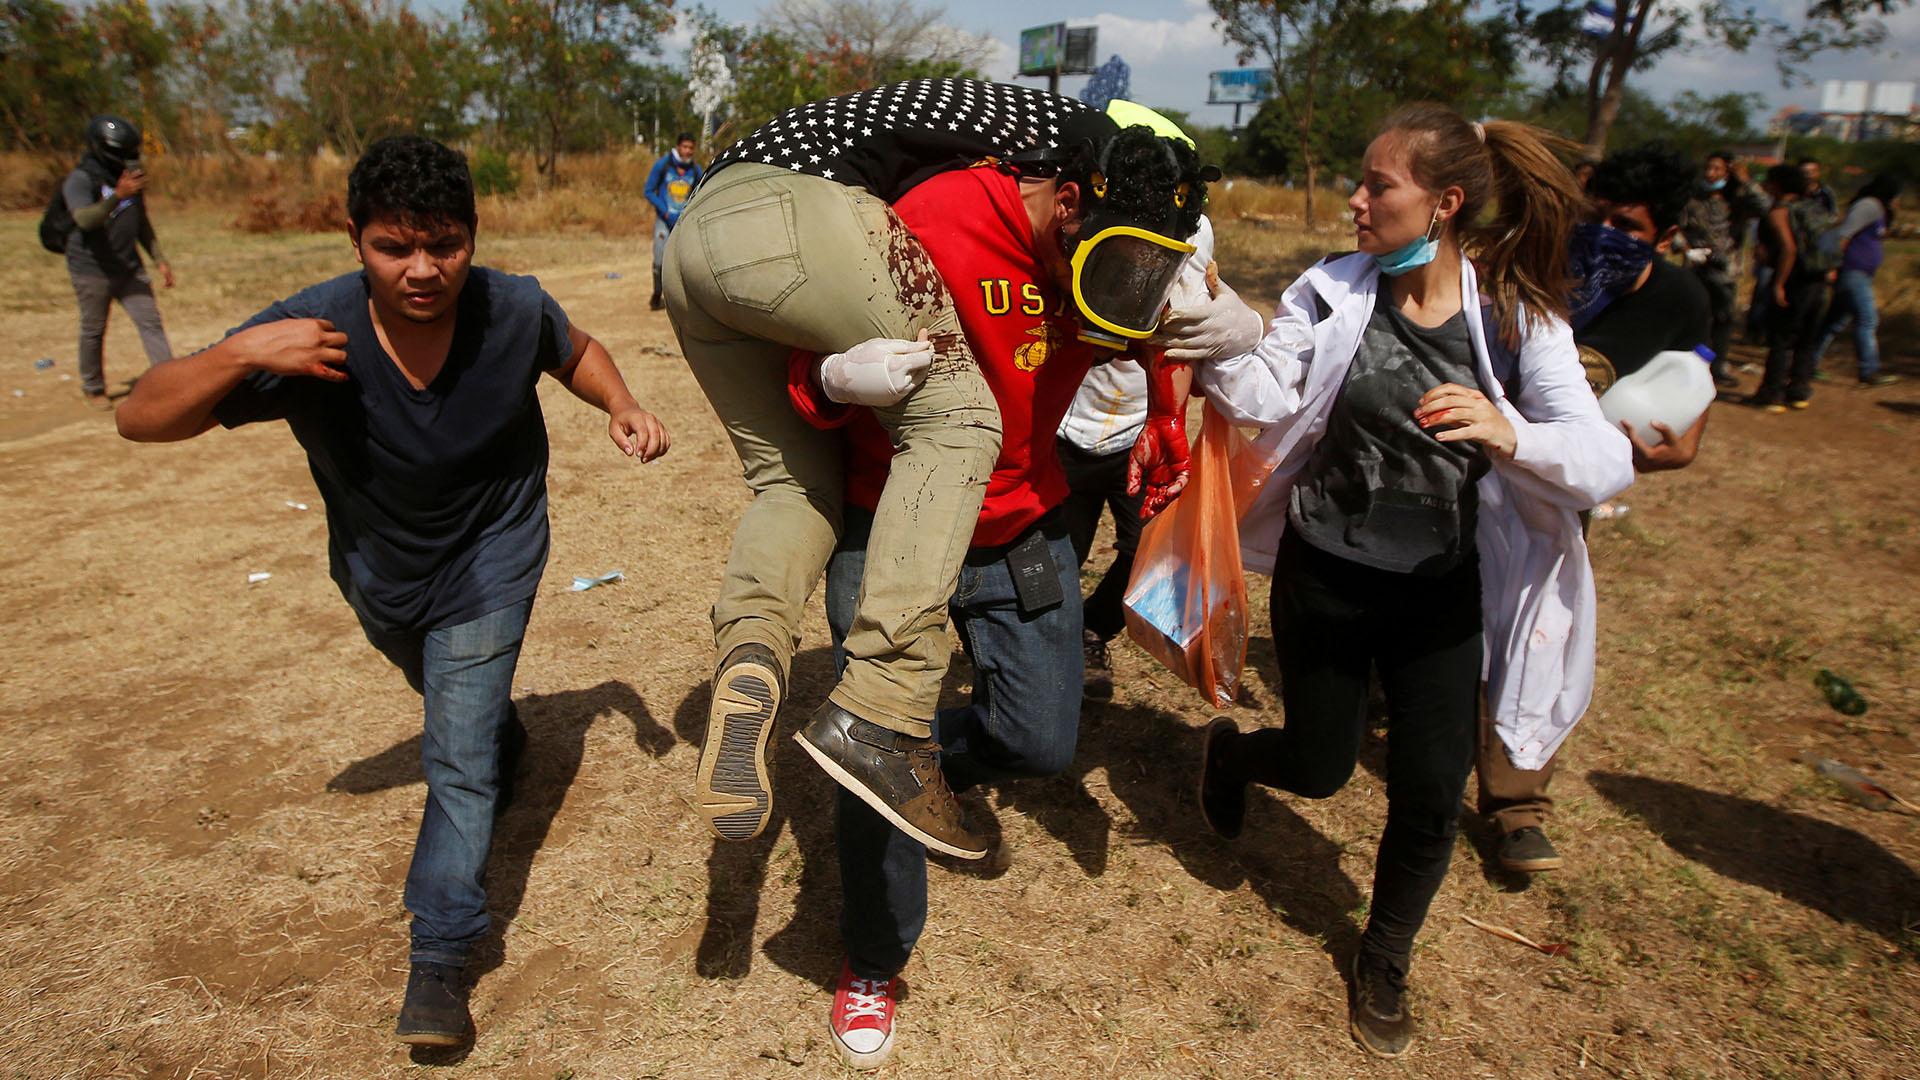 Un manifestante herido es asistido durante una protesta (Reuters)